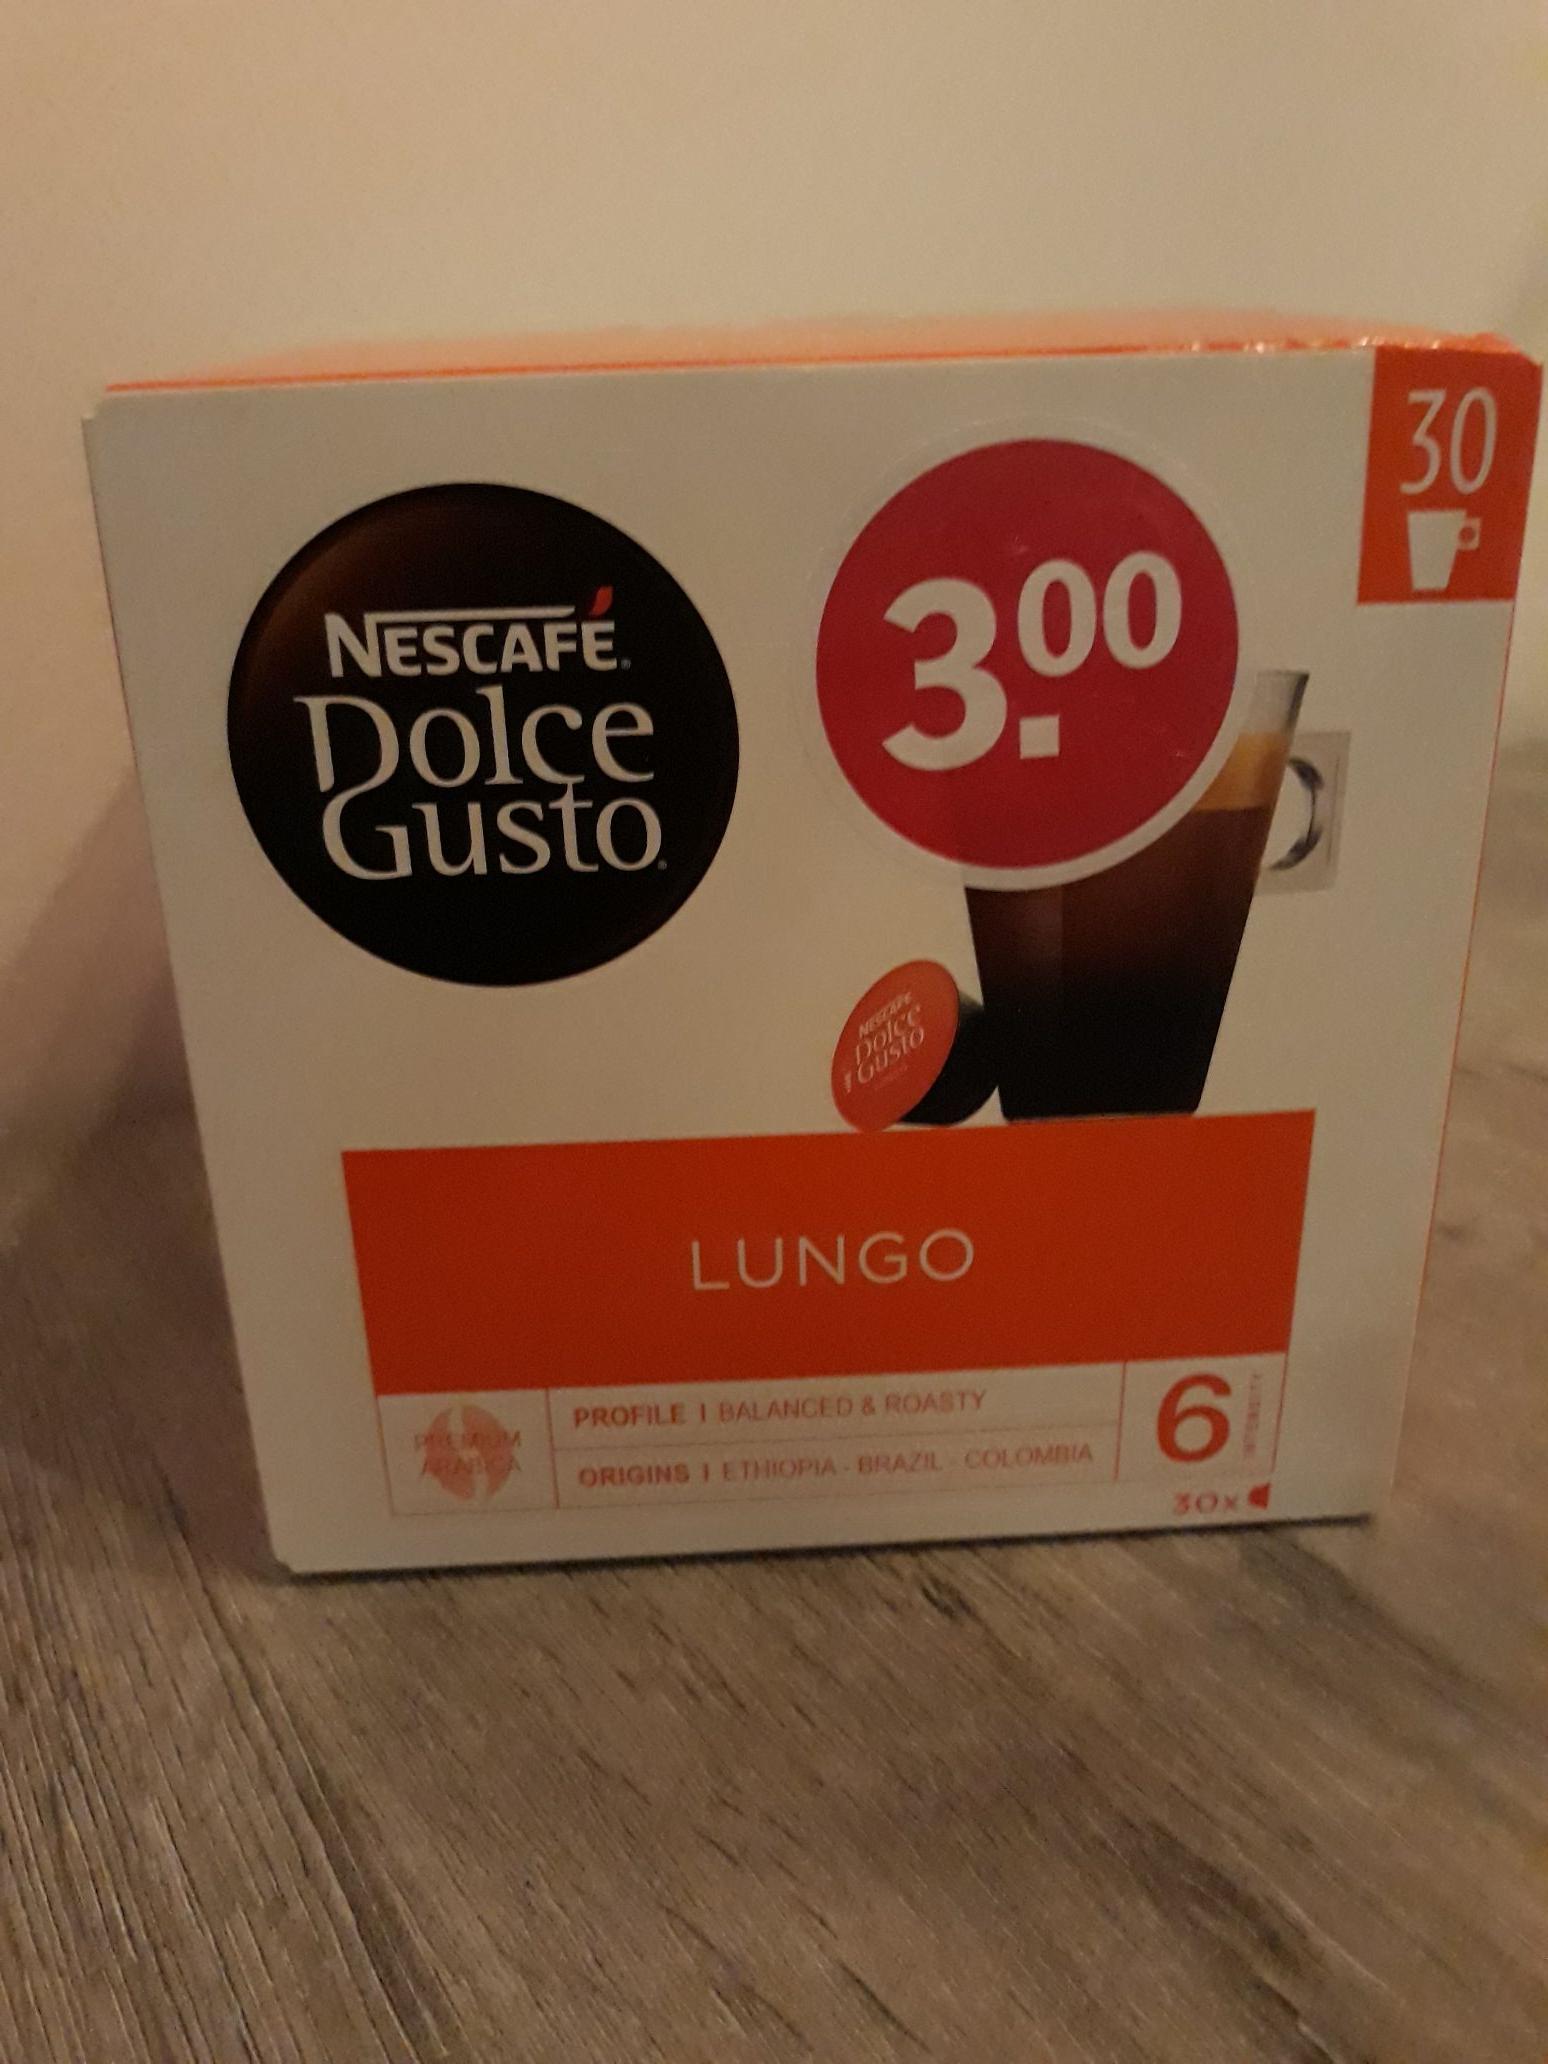 Nescafe Dolce Gusto Lungo voordeel verpakking 30 stuks @ah